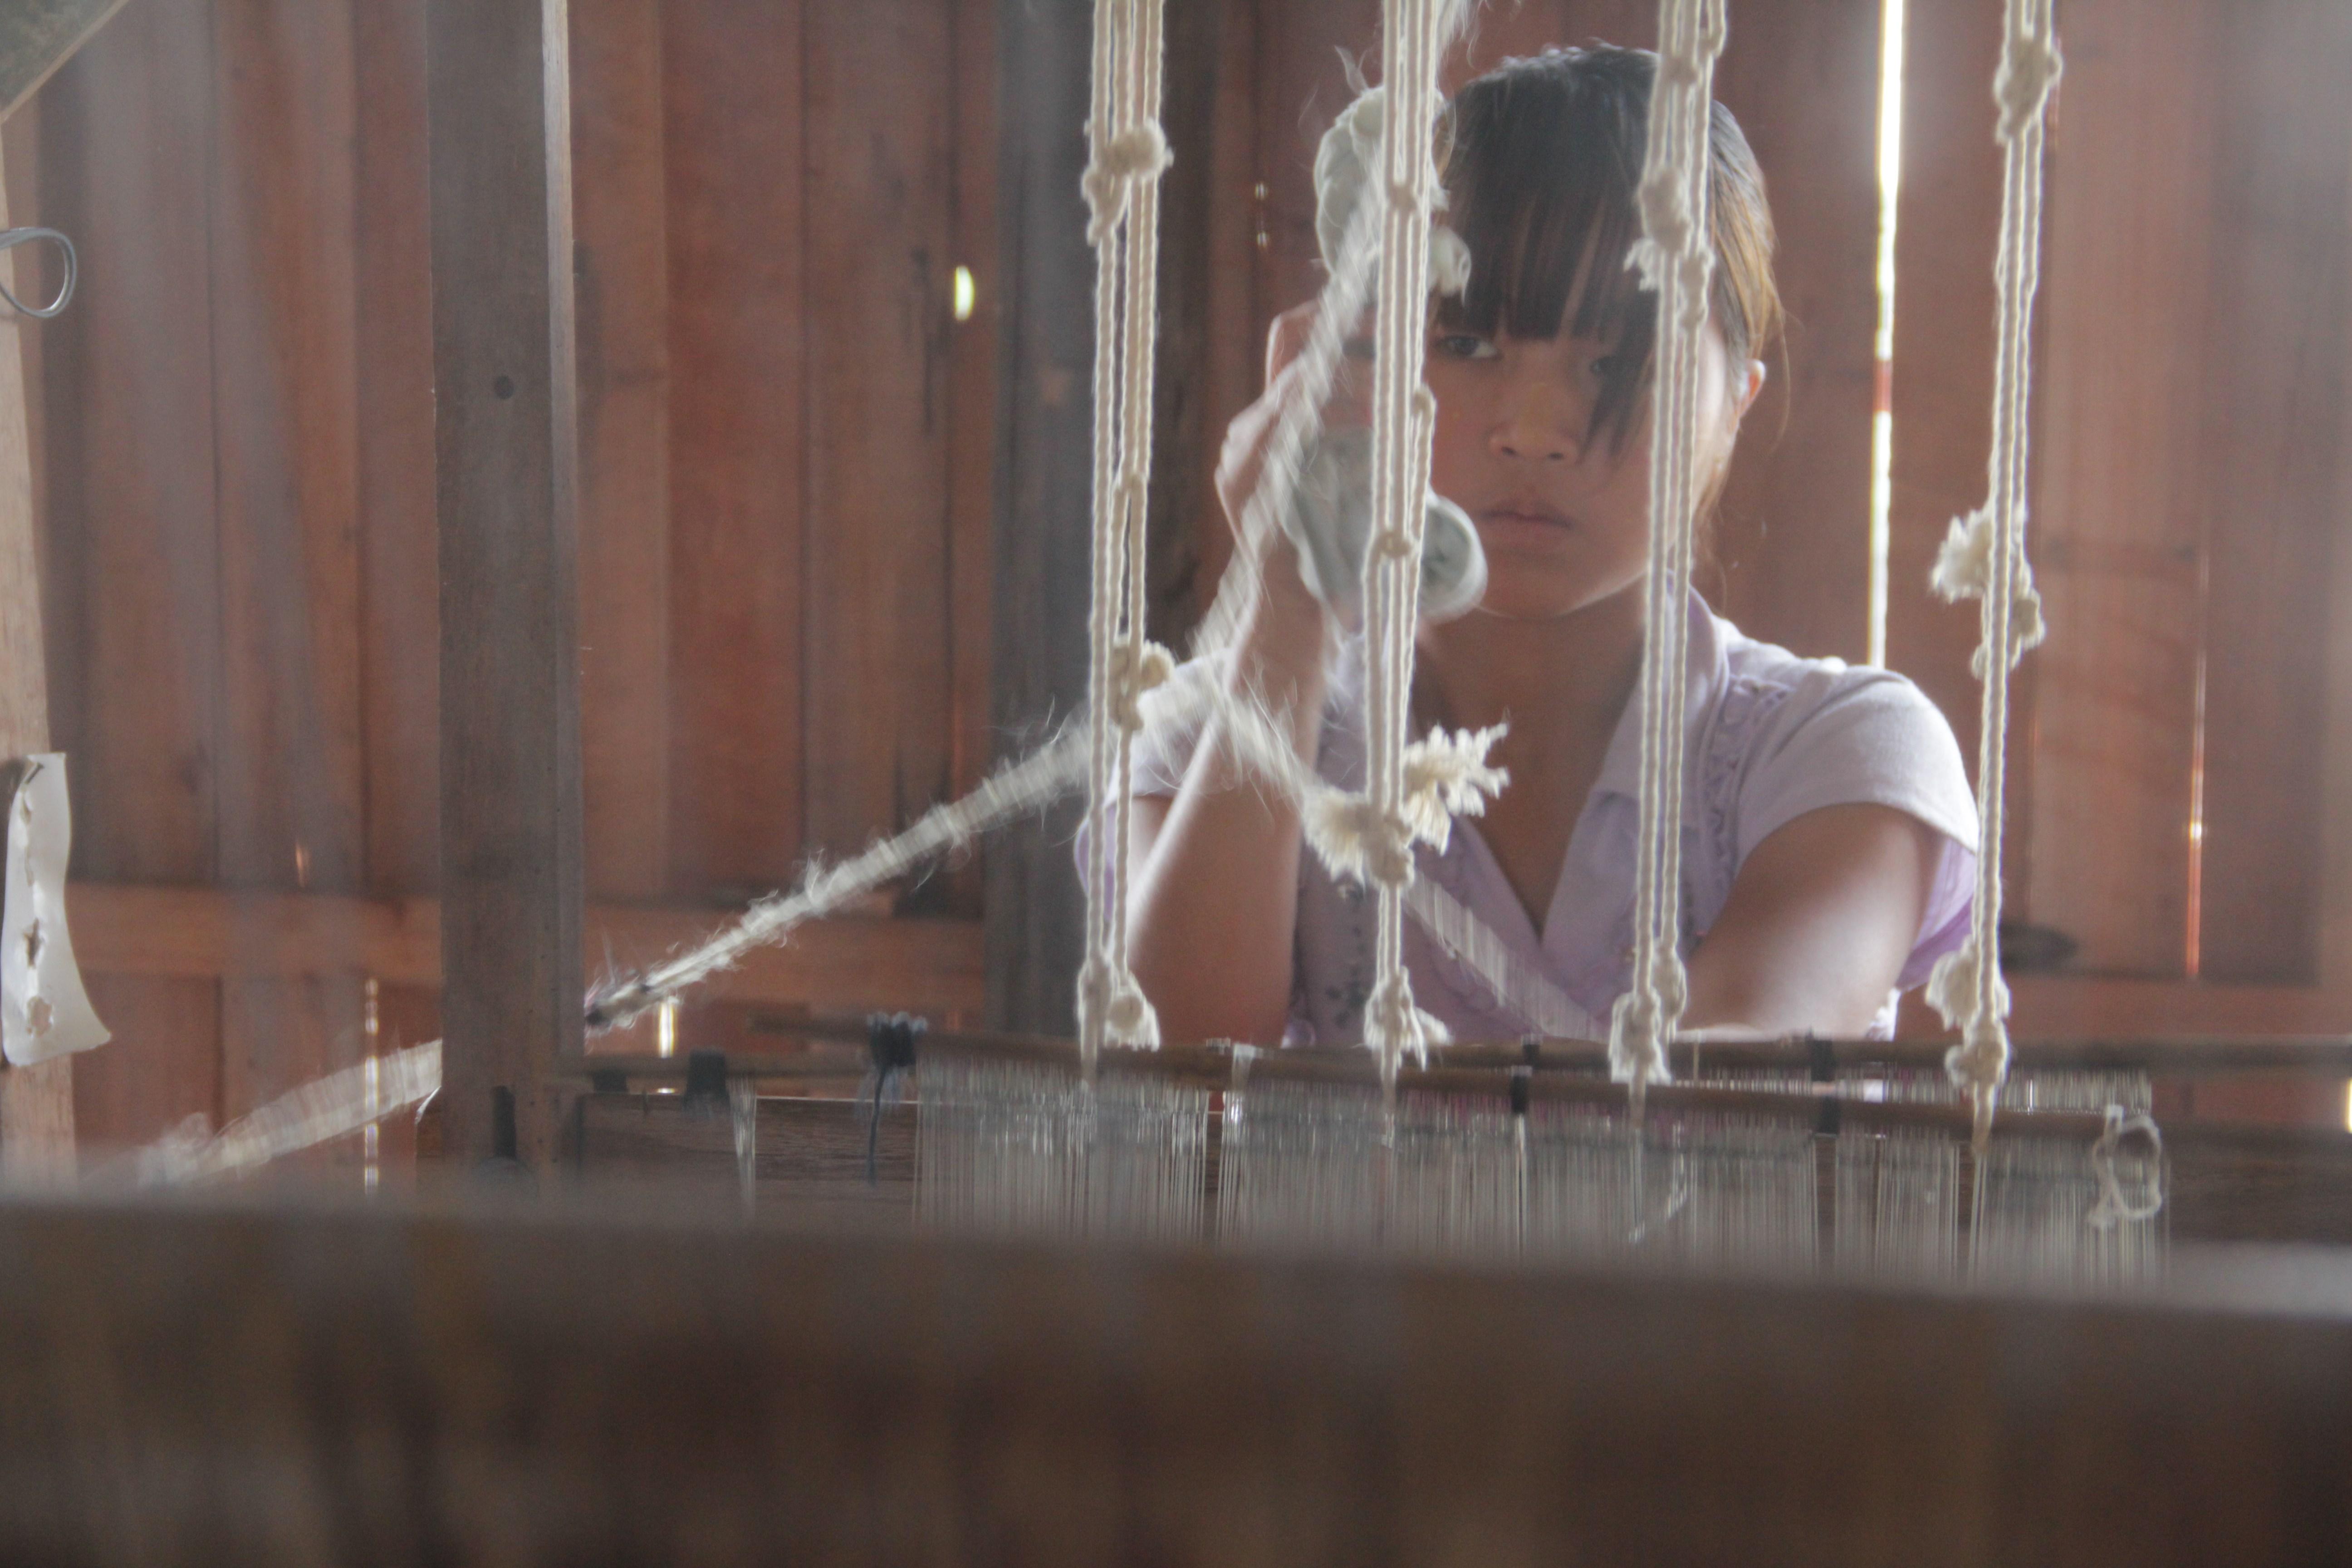 Dans un atelier de tissage traditionnel, cette jeune femme fabrique entre six et huit étoles par jour (© Jérôme Decoster).